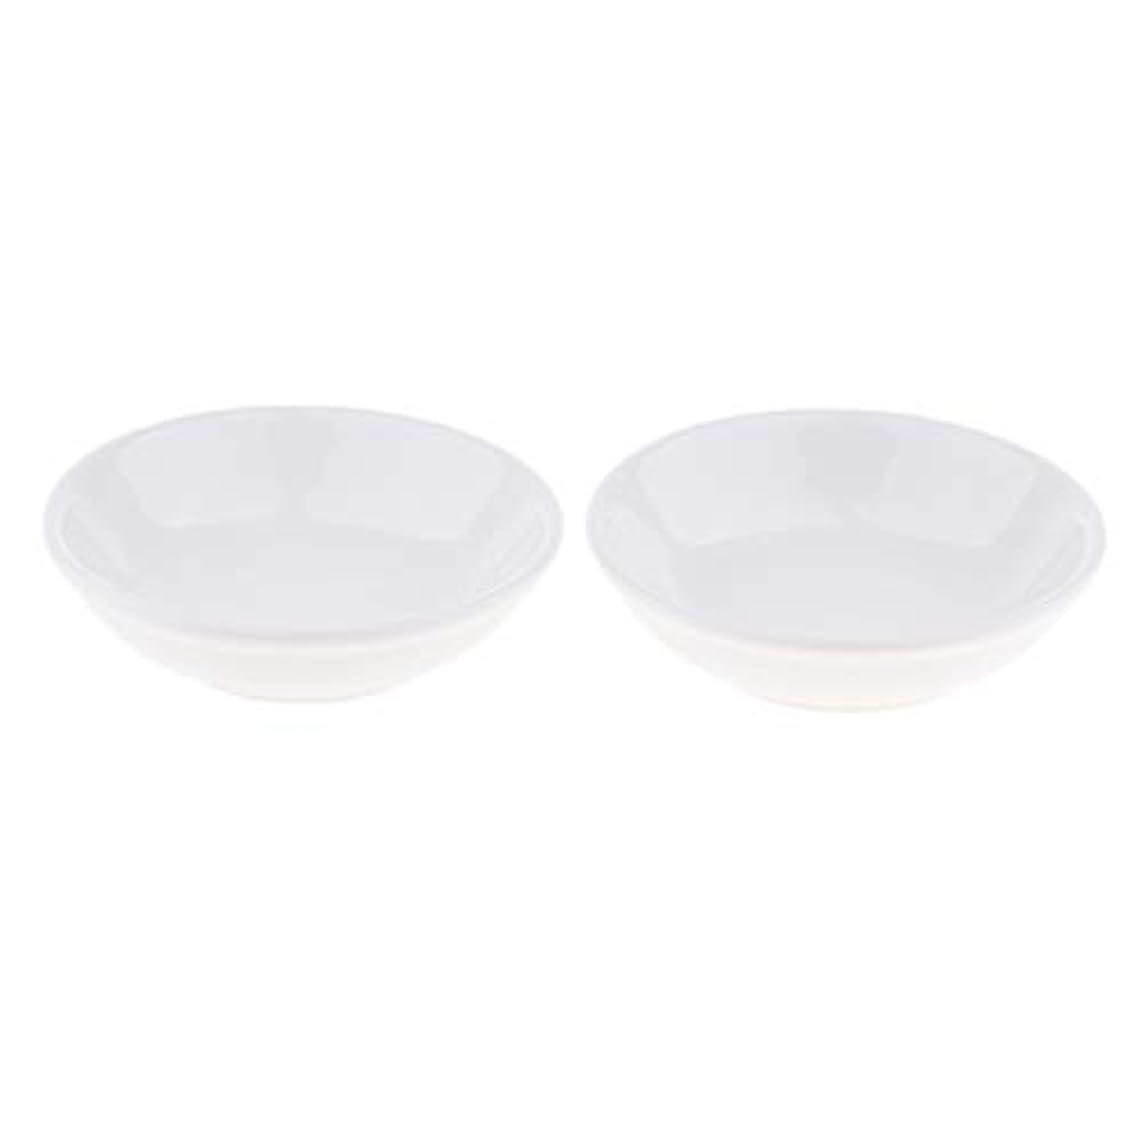 トライアスロンアナロジーキルト2個 交換用ディッシュ 皿 取り替え皿 セラミック 円形 オイルウォーマー 白